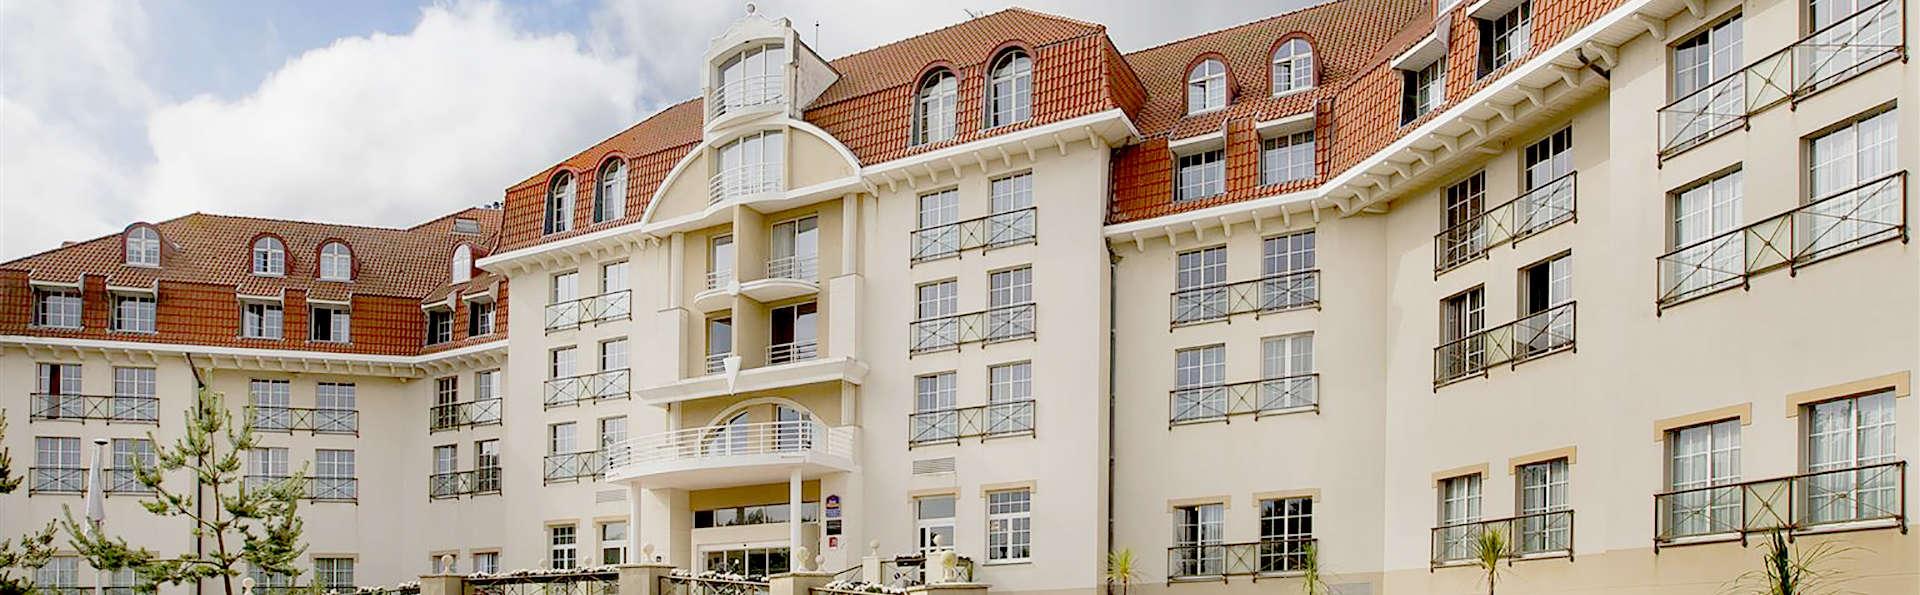 Le Grand Hôtel Le Touquet-Paris-Plage - Edit_front2.jpg